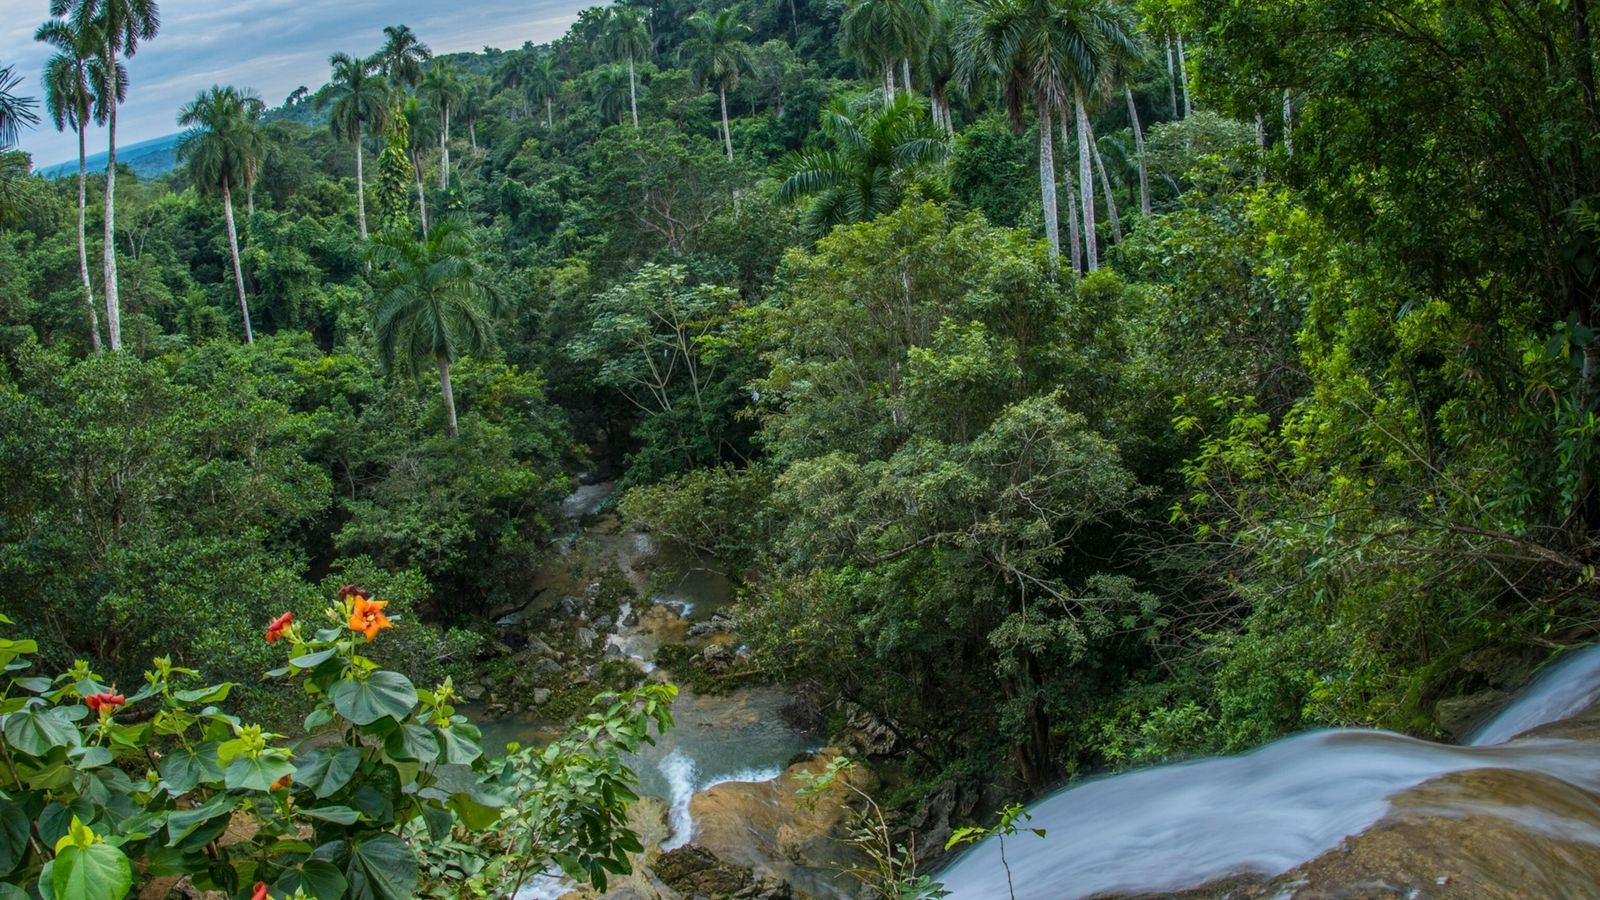 Fotografía de un bosque de palmas reales en Cuba